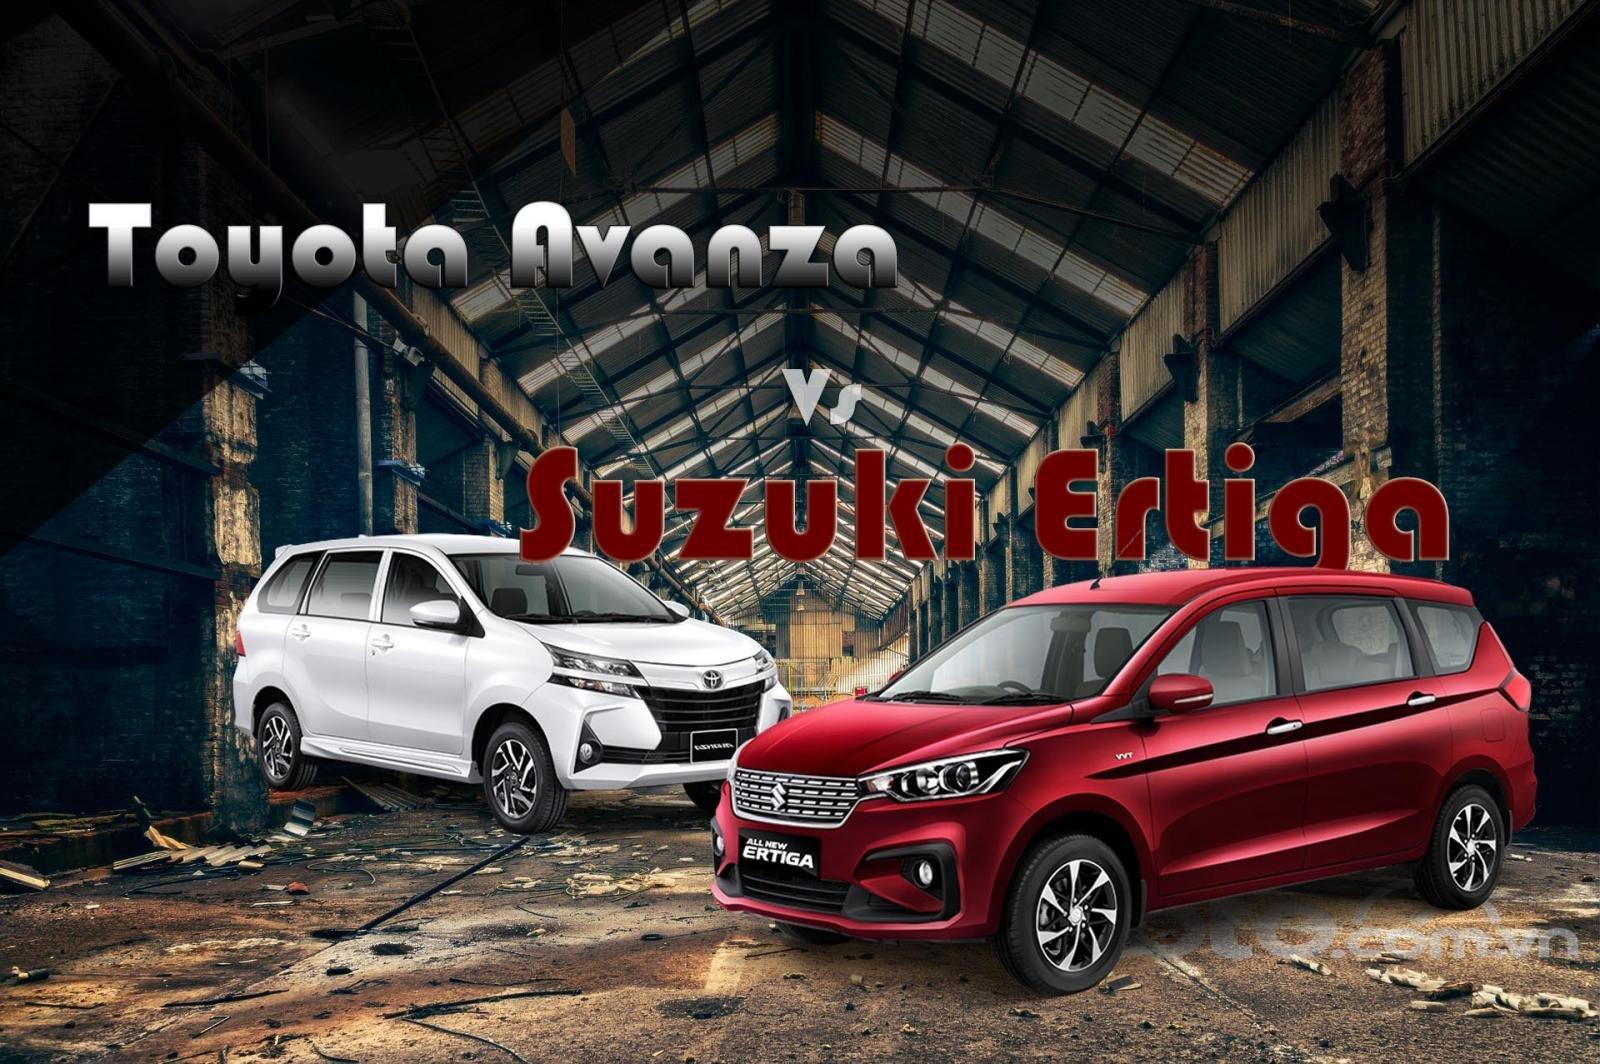 So sánh xe Suzuki Ertiga Sport 2020 và Toyota Avanza 2020: Ertiga Sport đã rẻ lại nhiều trang bị a1